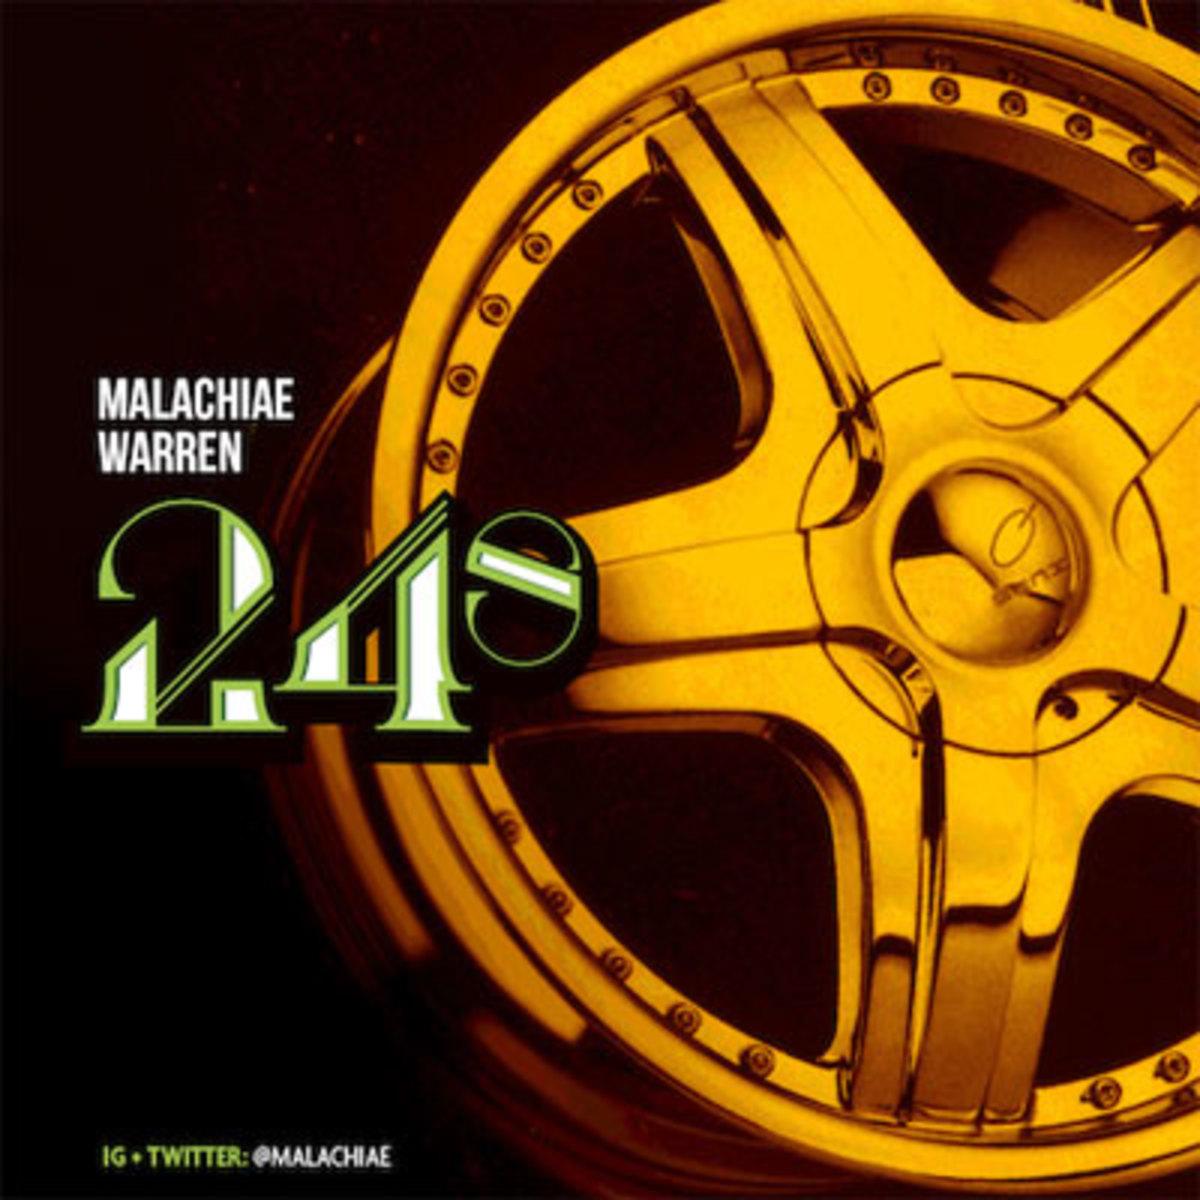 malachiaewarren-24s.jpg